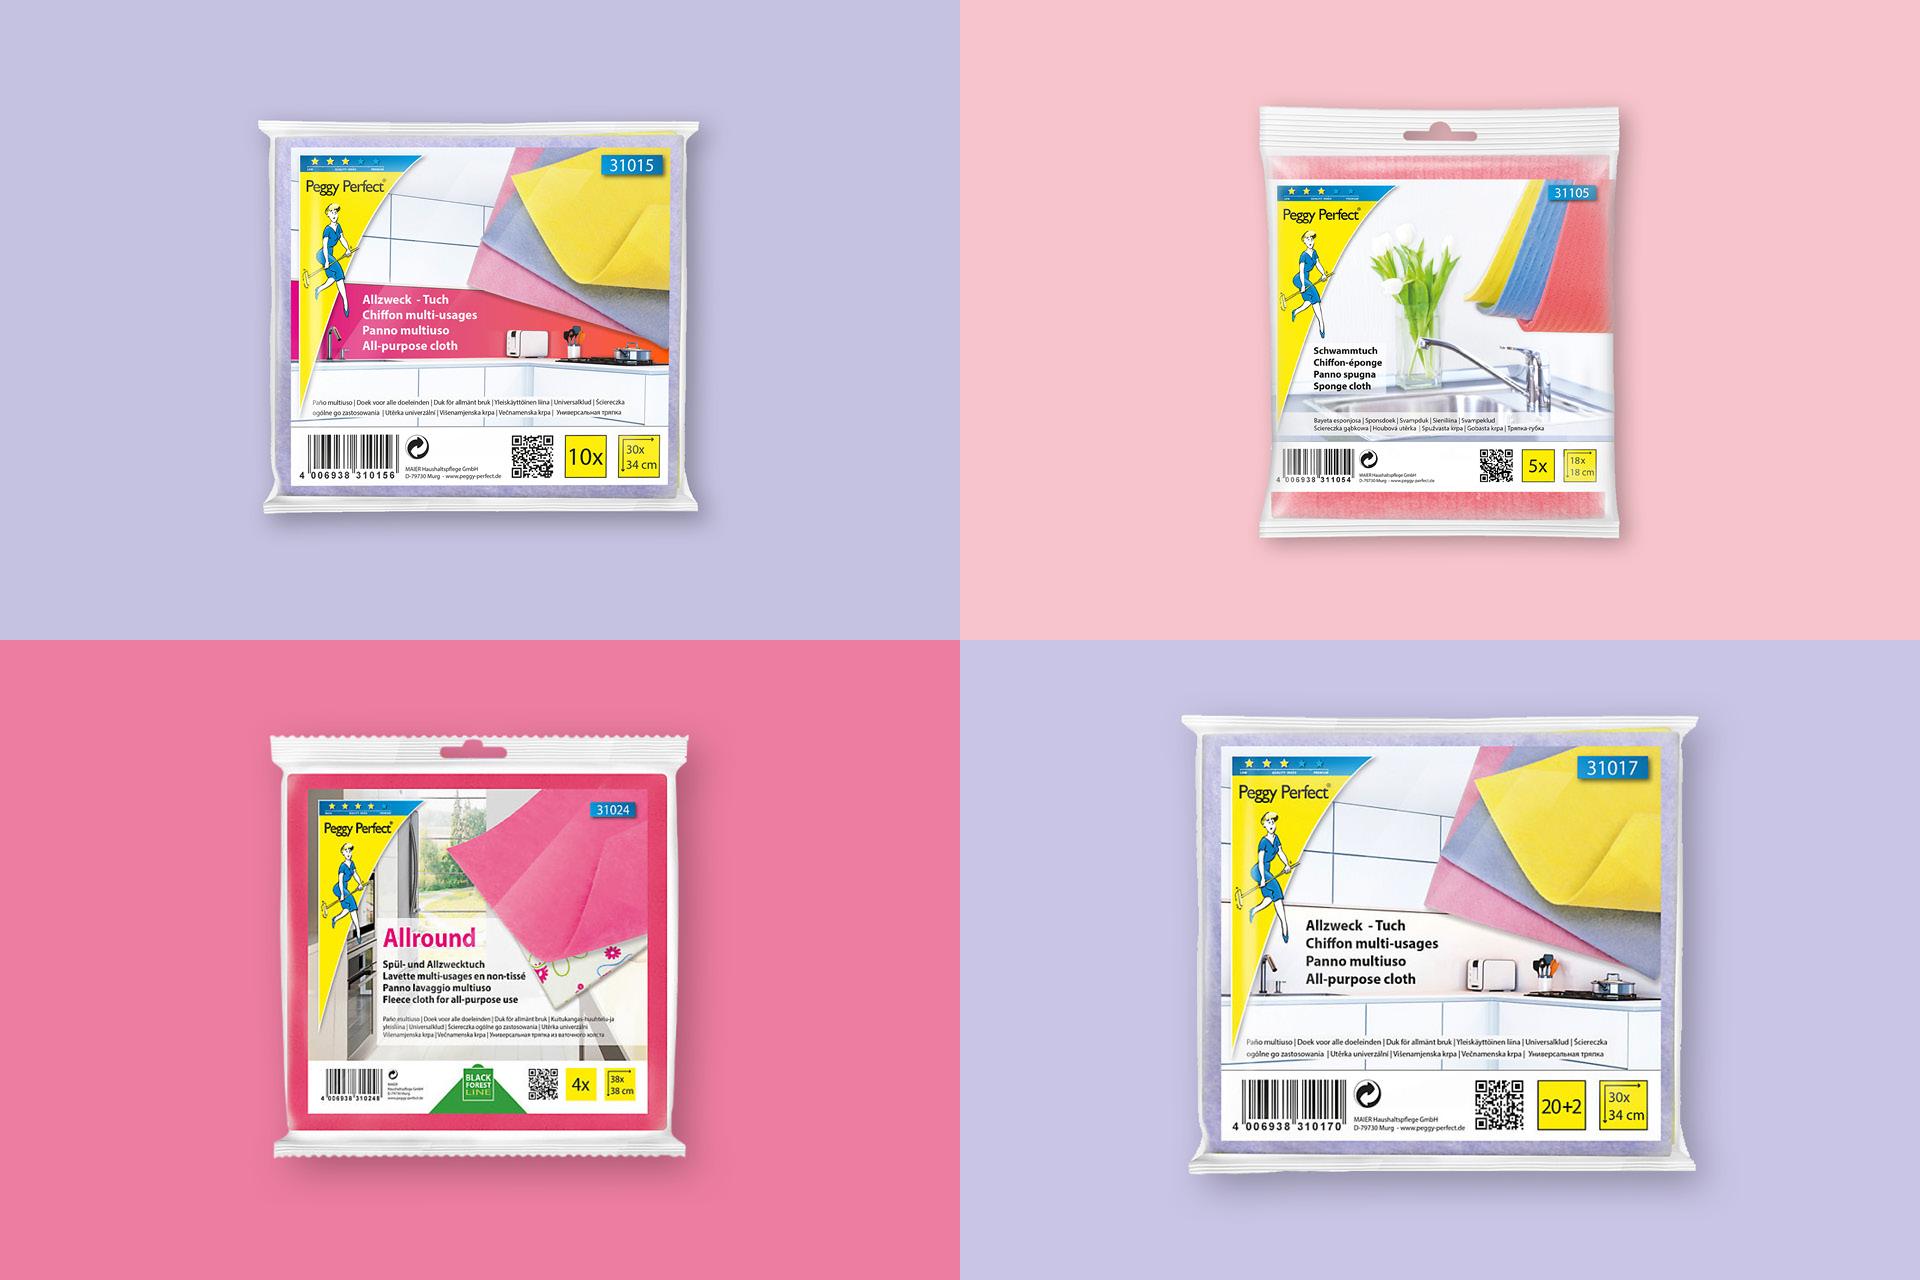 Verpackungsdesign für die Marke Peggy Perfect von Maier Haushaltspflege, Anwendungsbeispiele